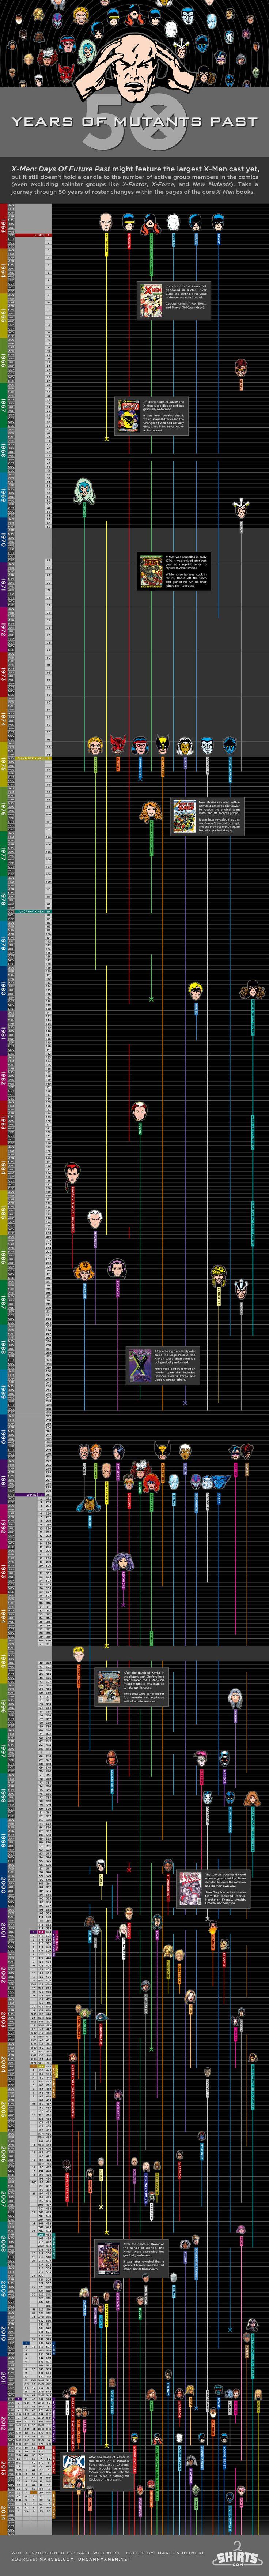 Para fanáticos de los cómics de superhéroes. X-Men Infographic